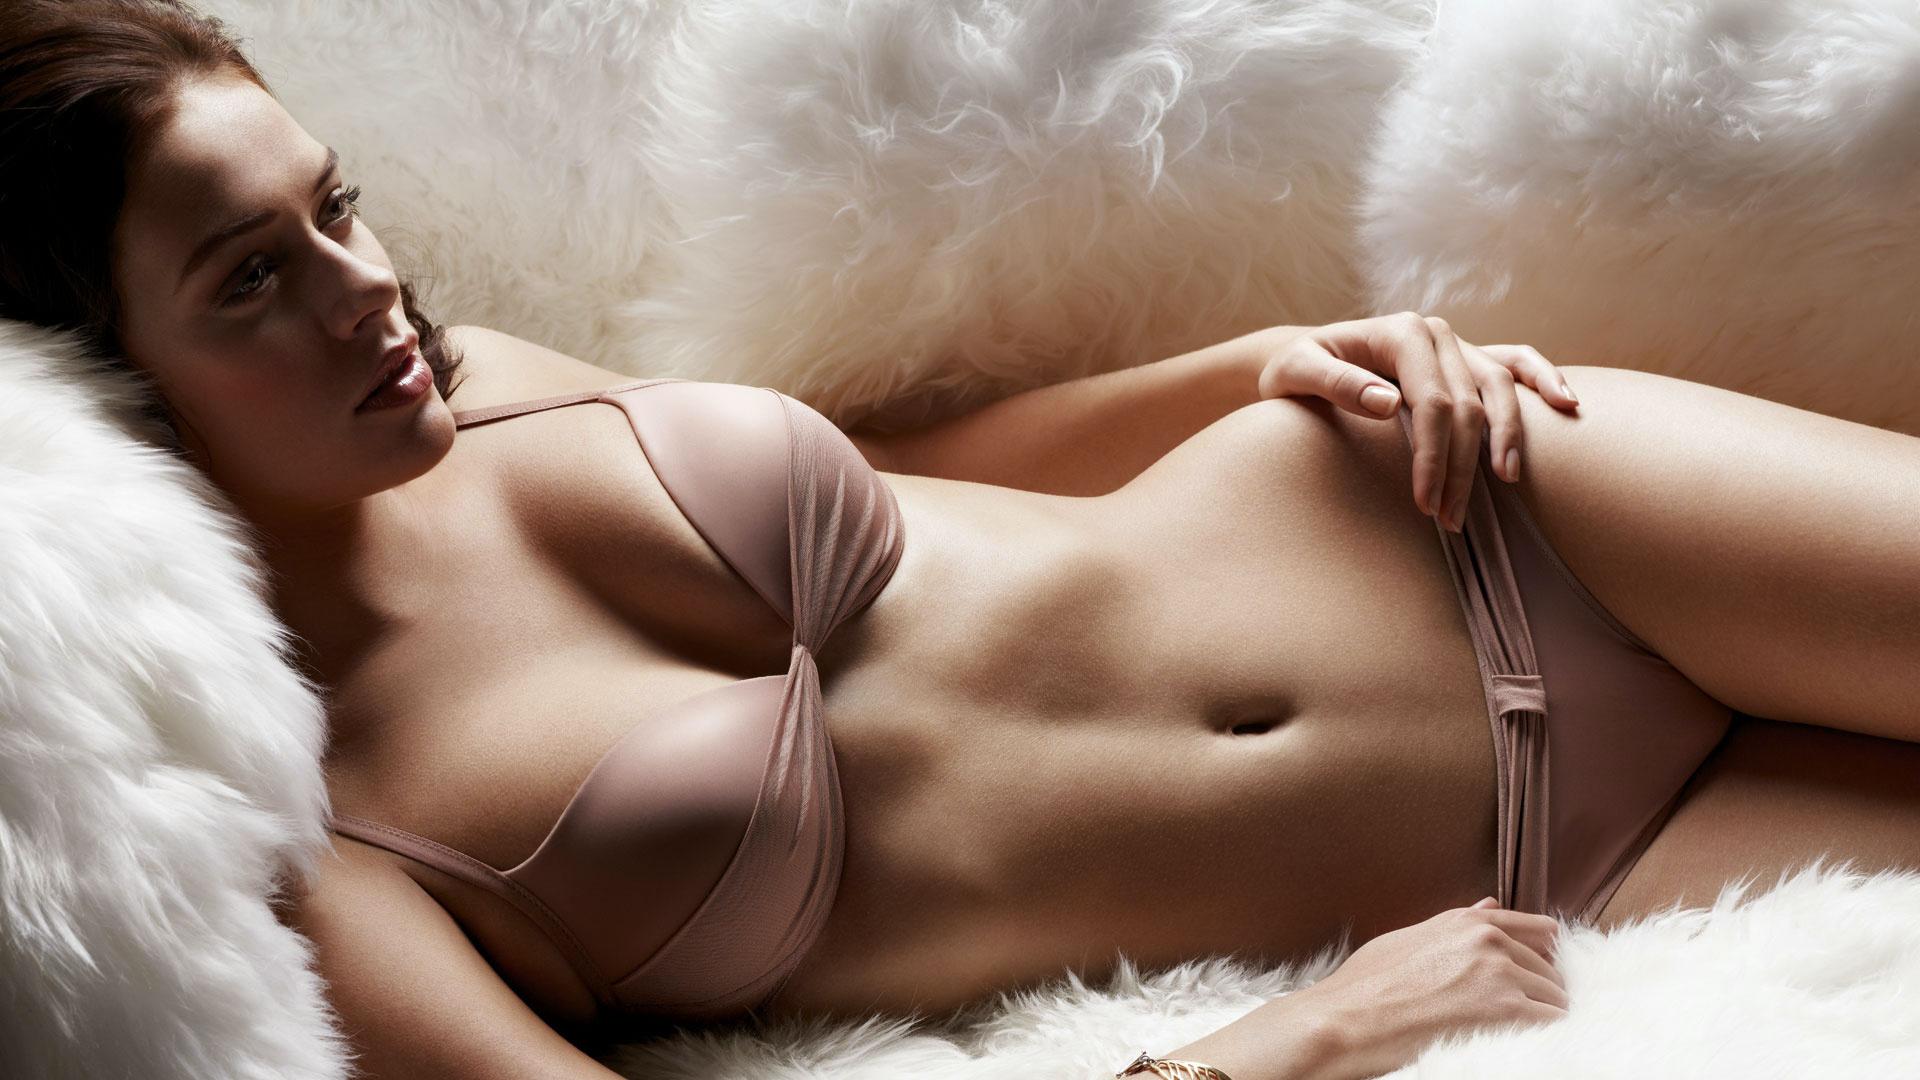 luchshie-ero-modeli-rossii-porno-filmov